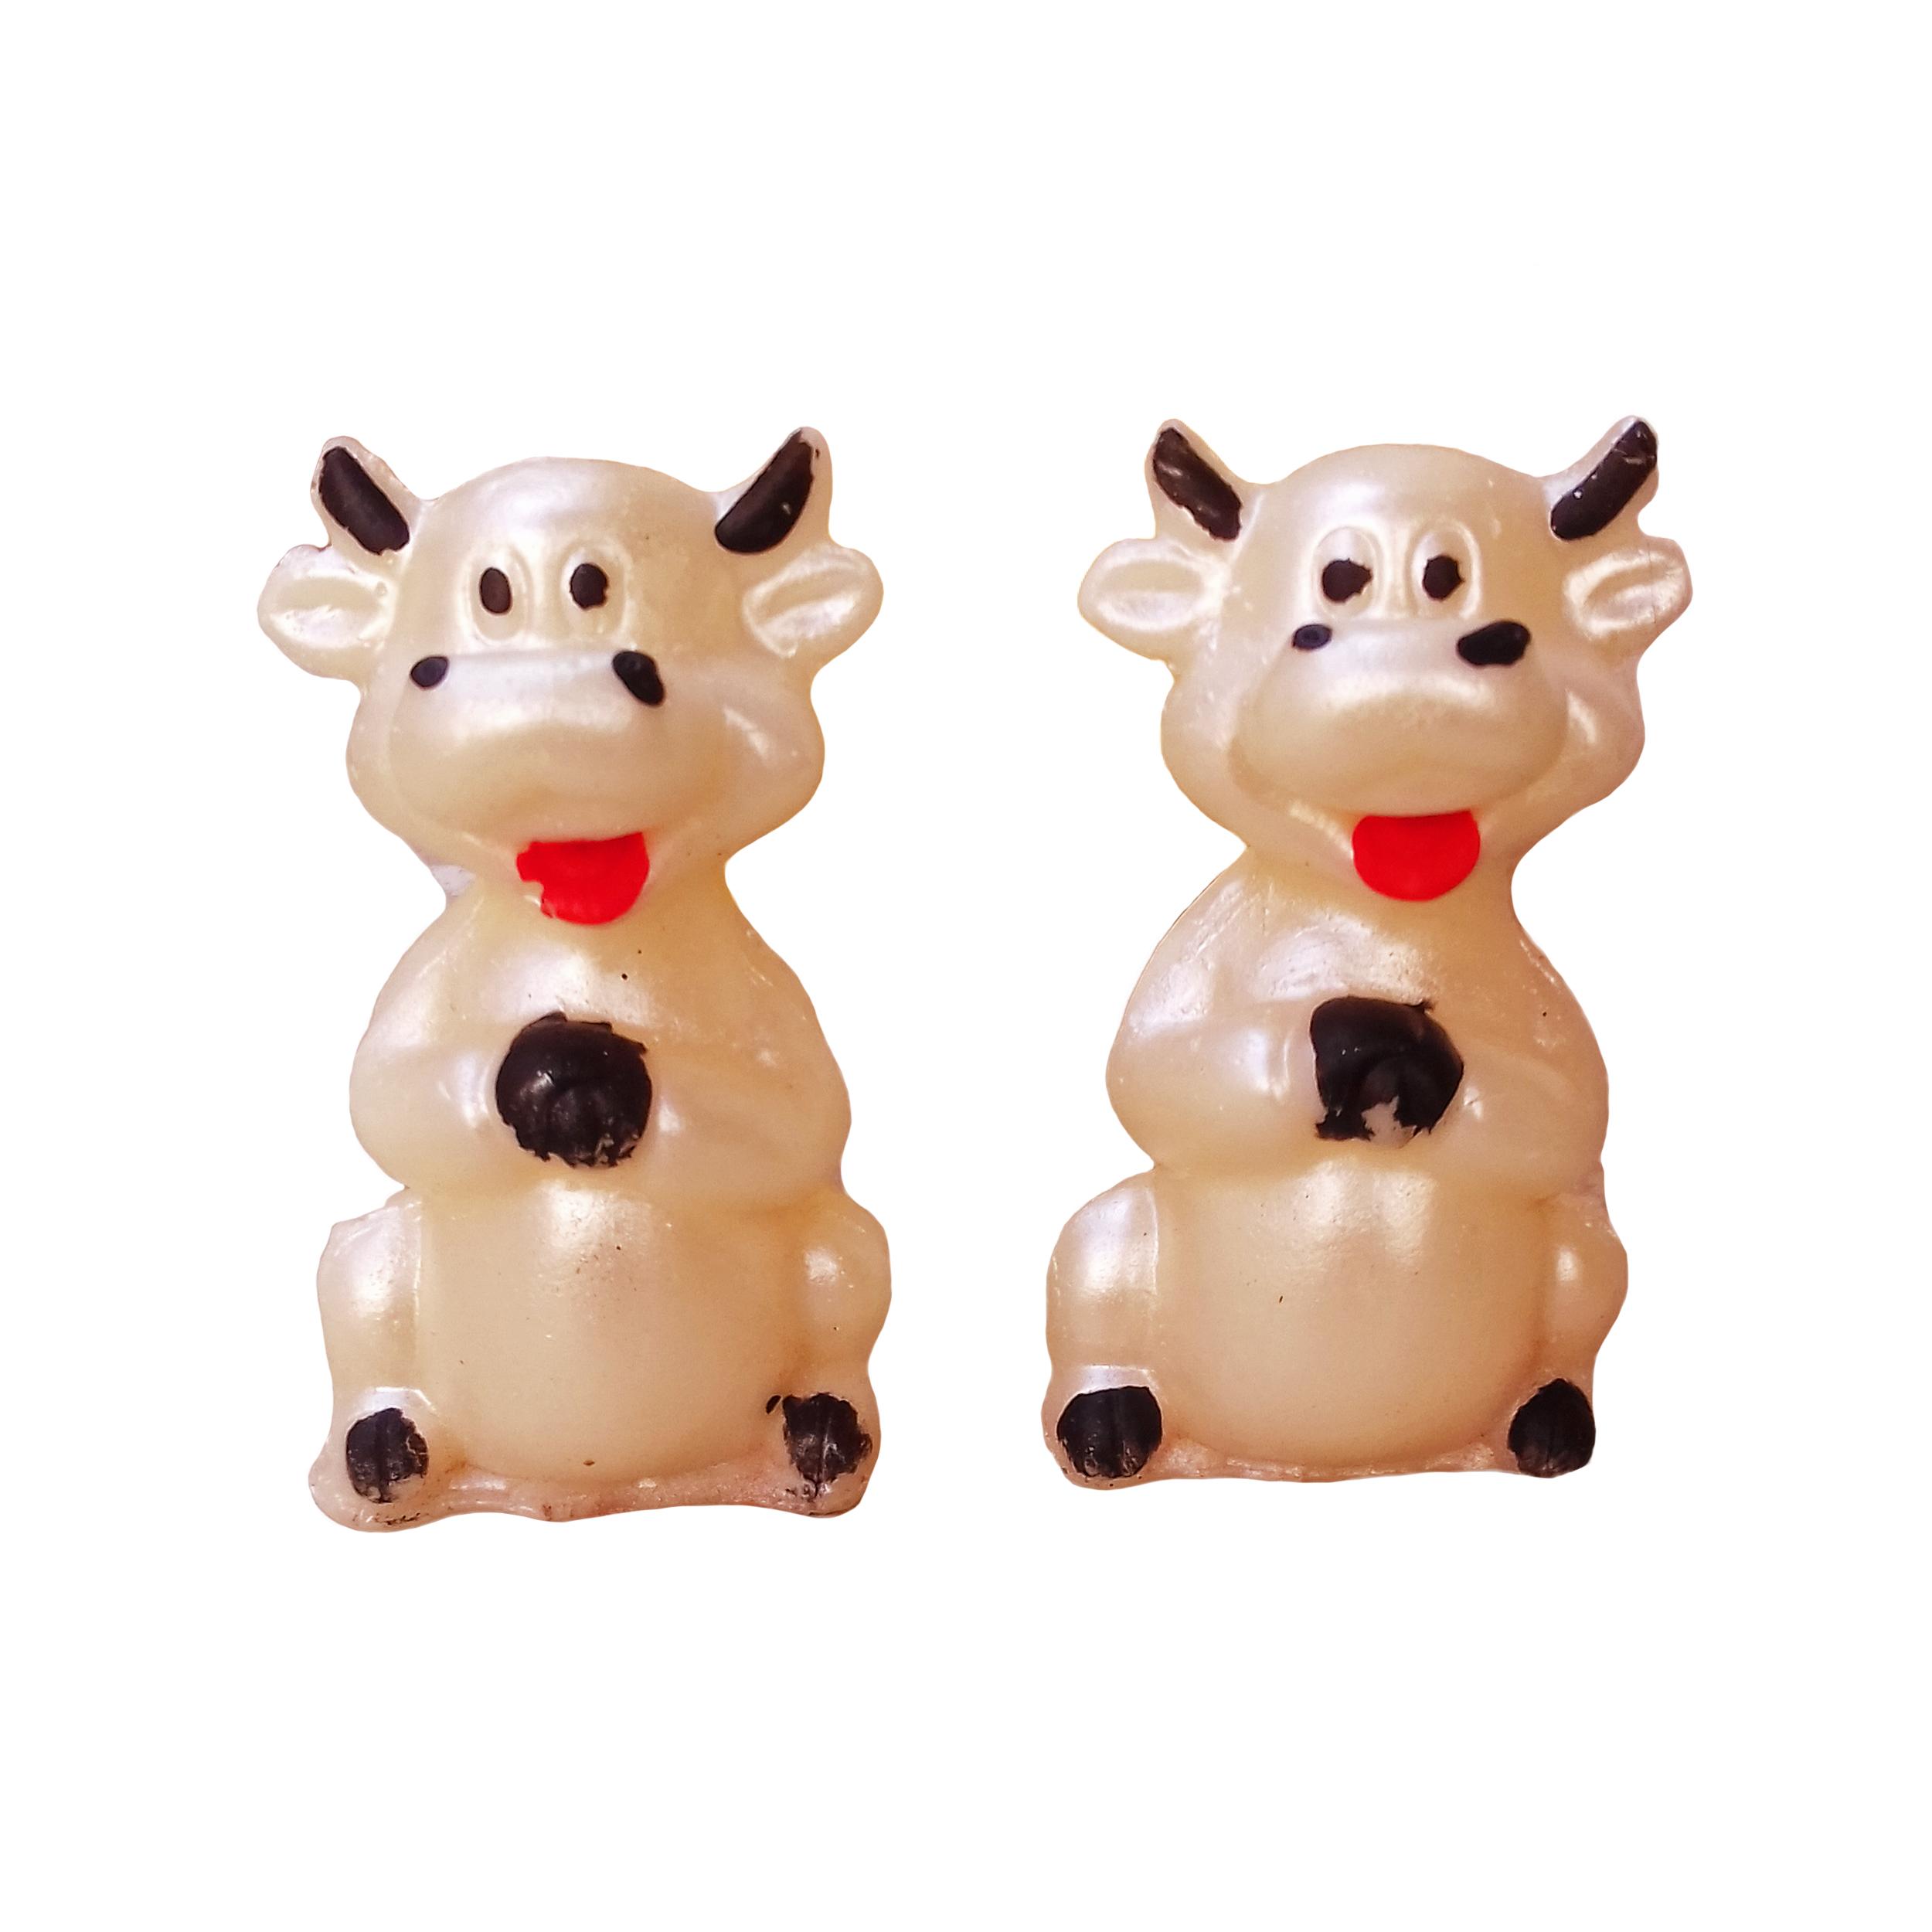 شمع مدل گاو بسته 2 عددی